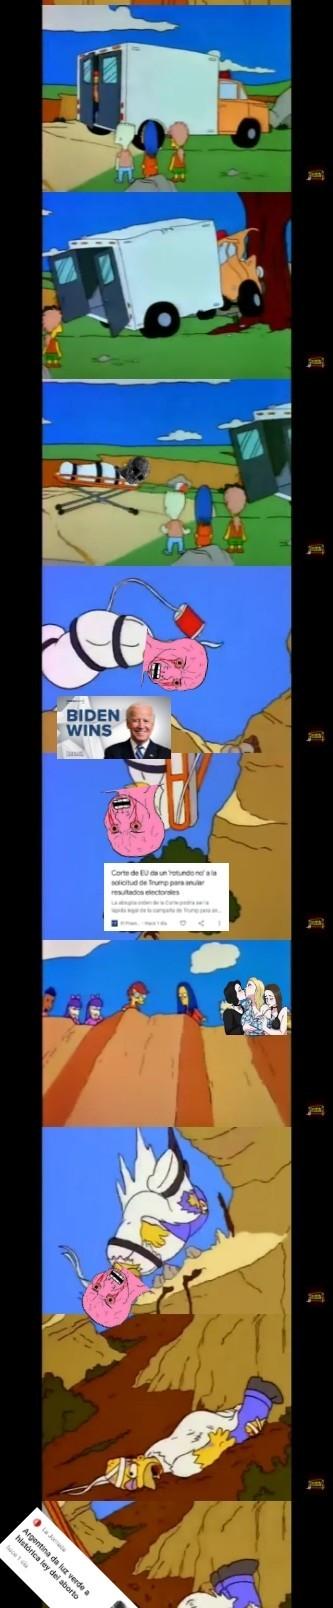 Los re cagaron conservaputos 2 - meme